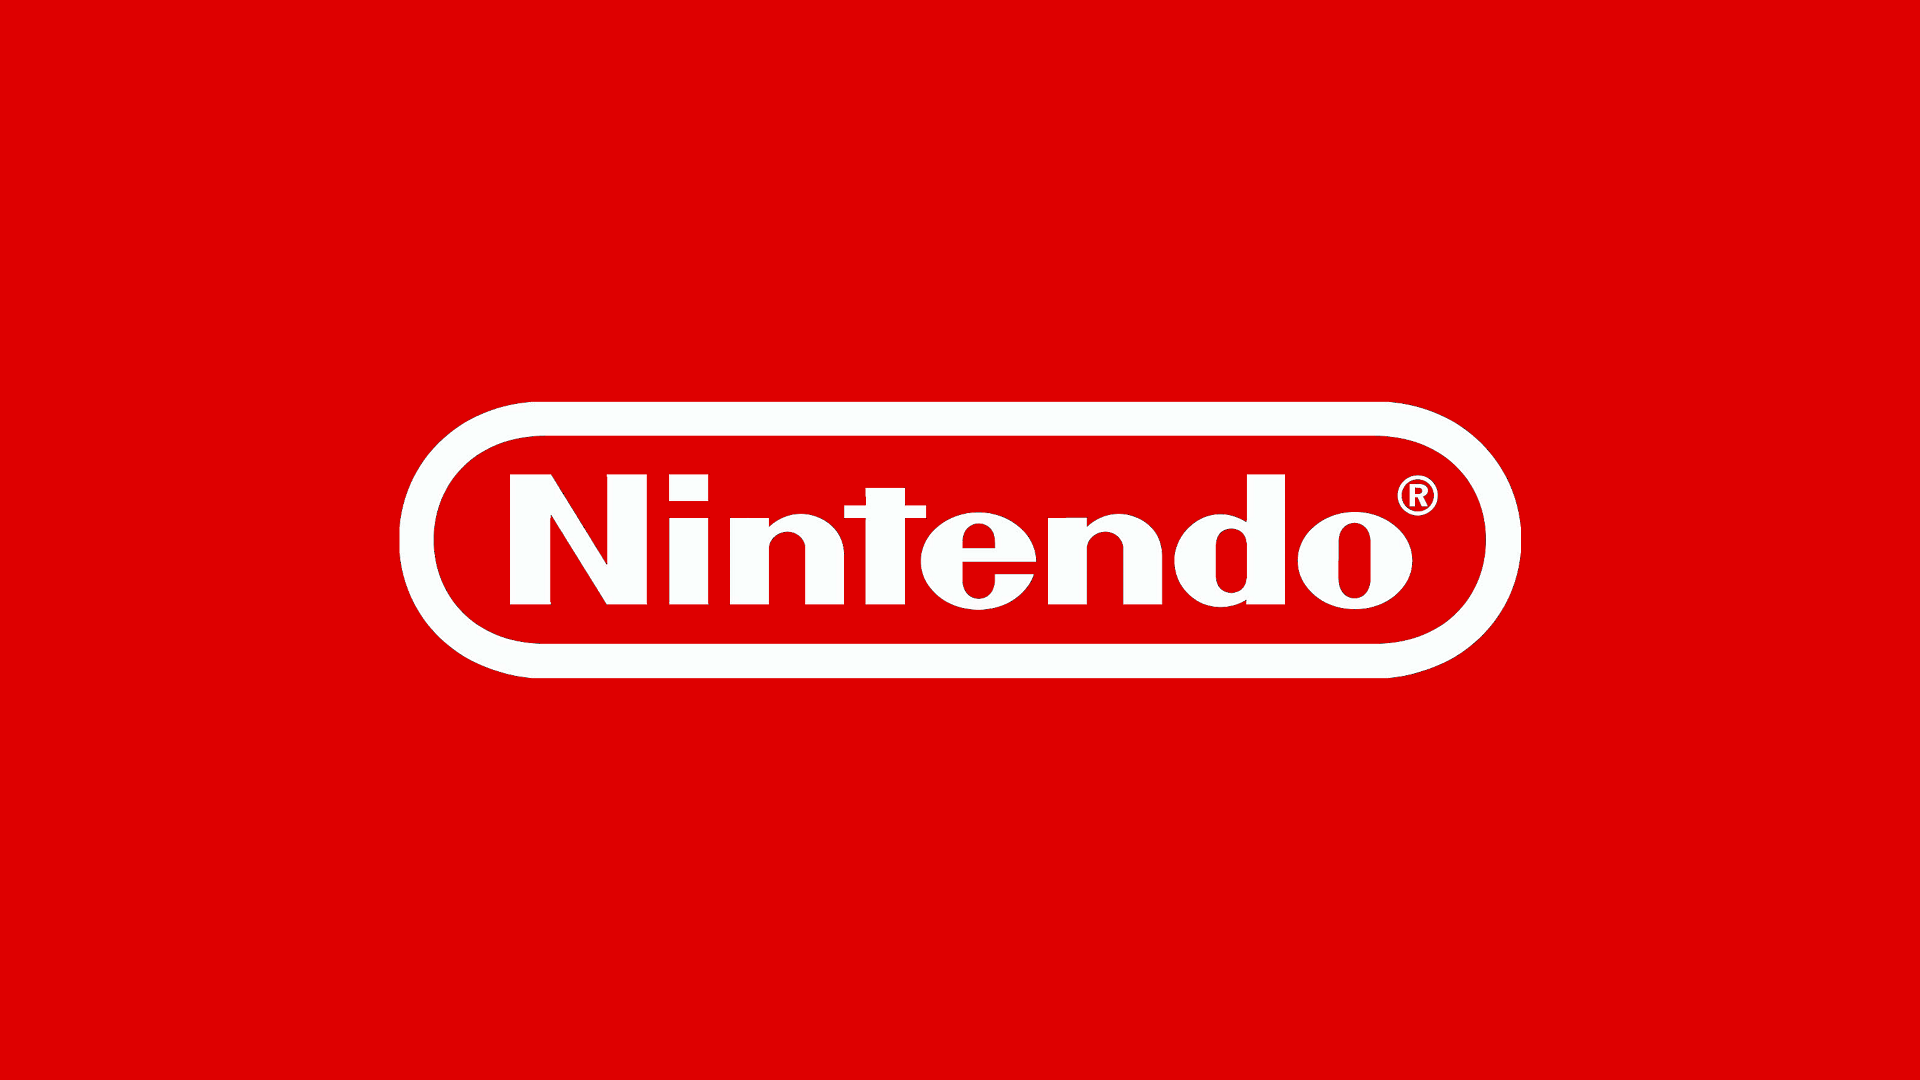 nintendo-e32016-congerencia-gamersrd.com